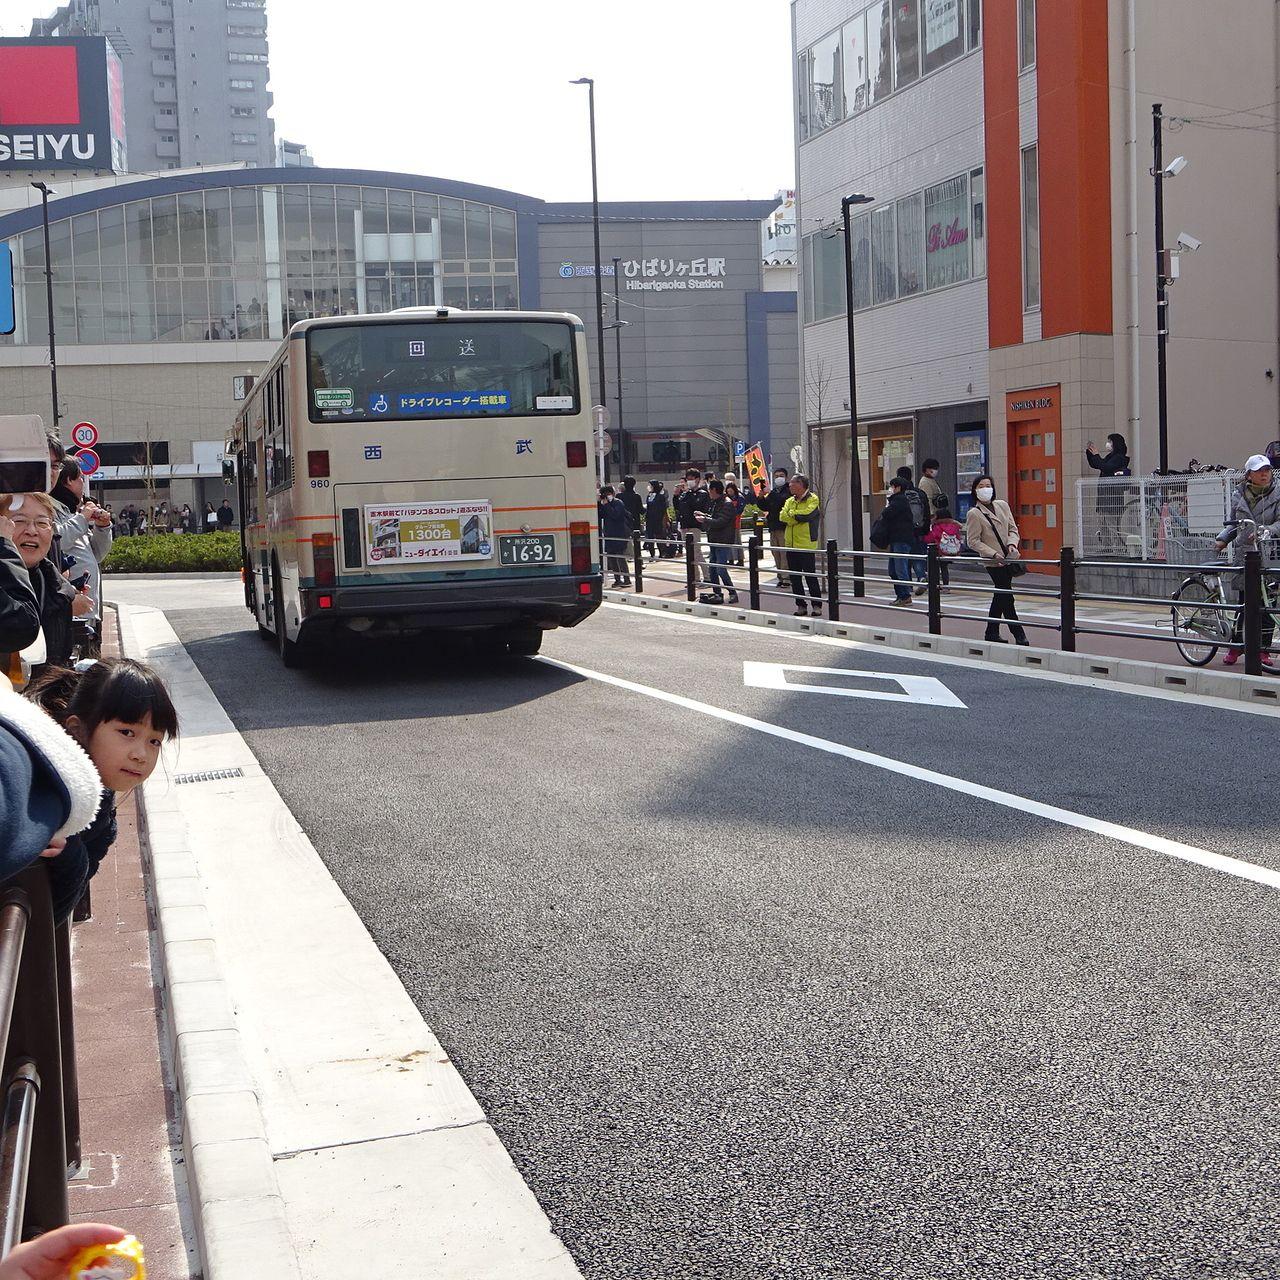 開通直後に駅へ向かうバス